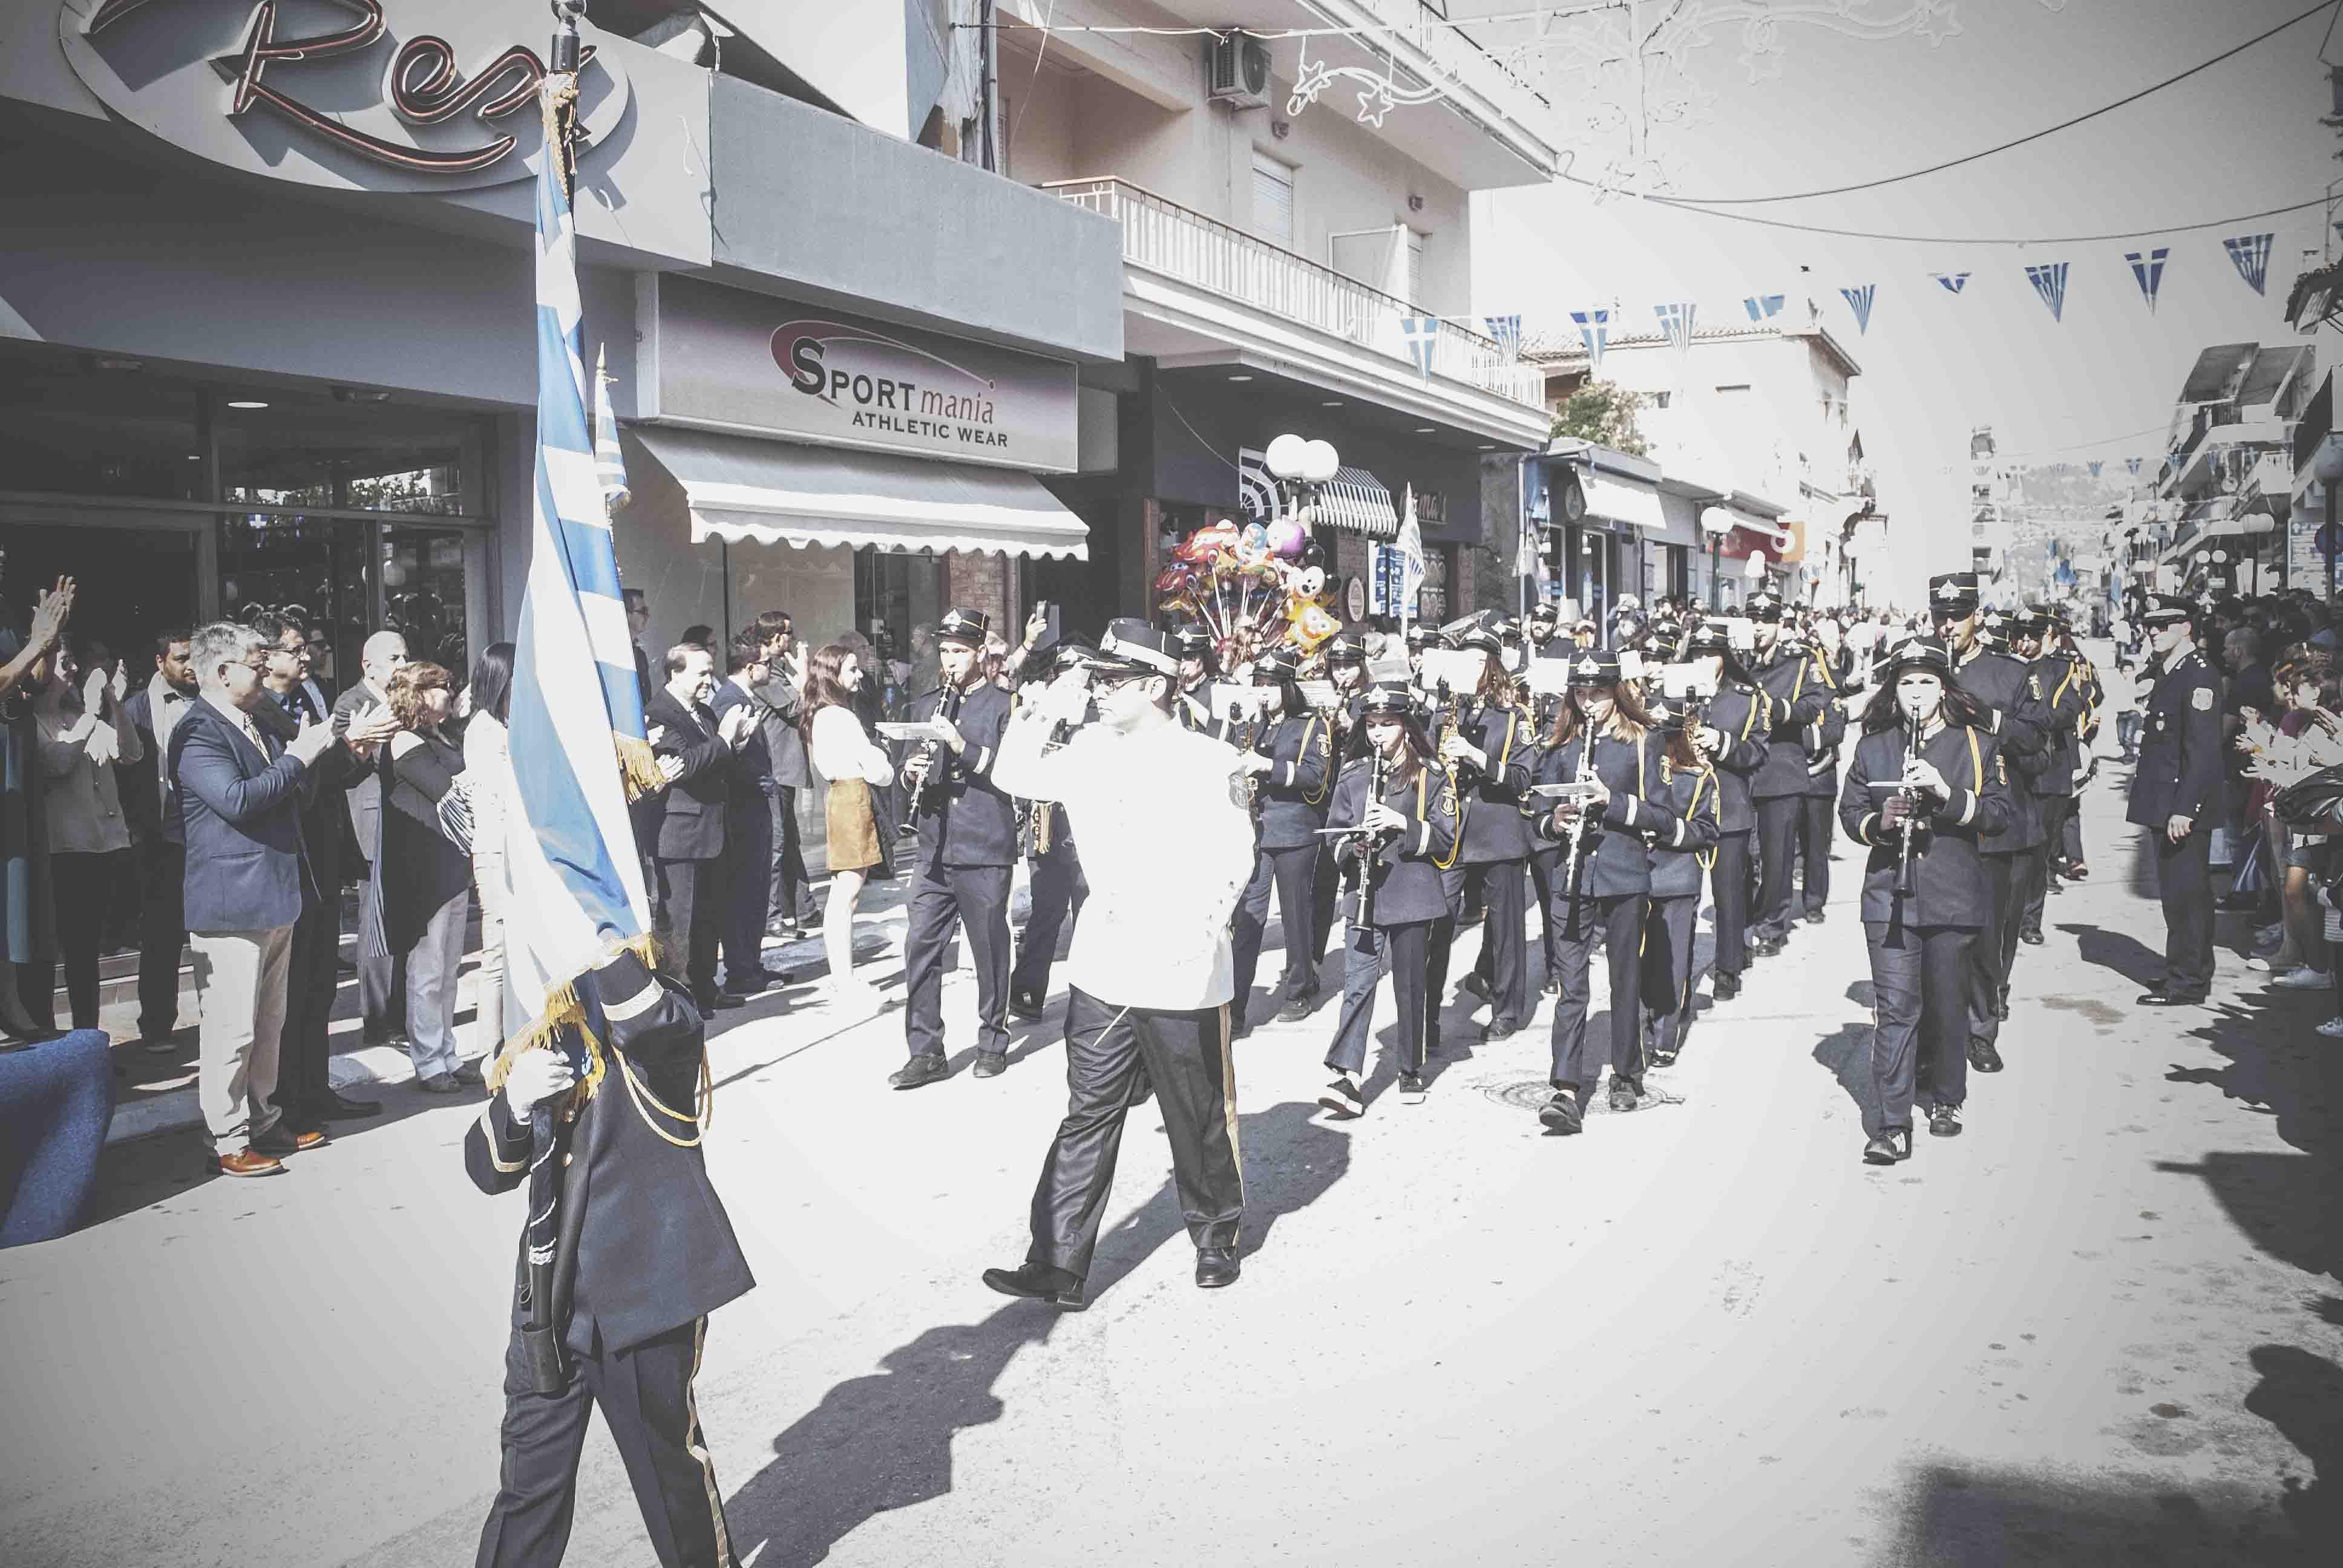 Φωτογραφικό υλικό από την παρέλαση στα Ψαχνά Φωτογραφικό υλικό από την παρέλαση στα Ψαχνά DSC 0308